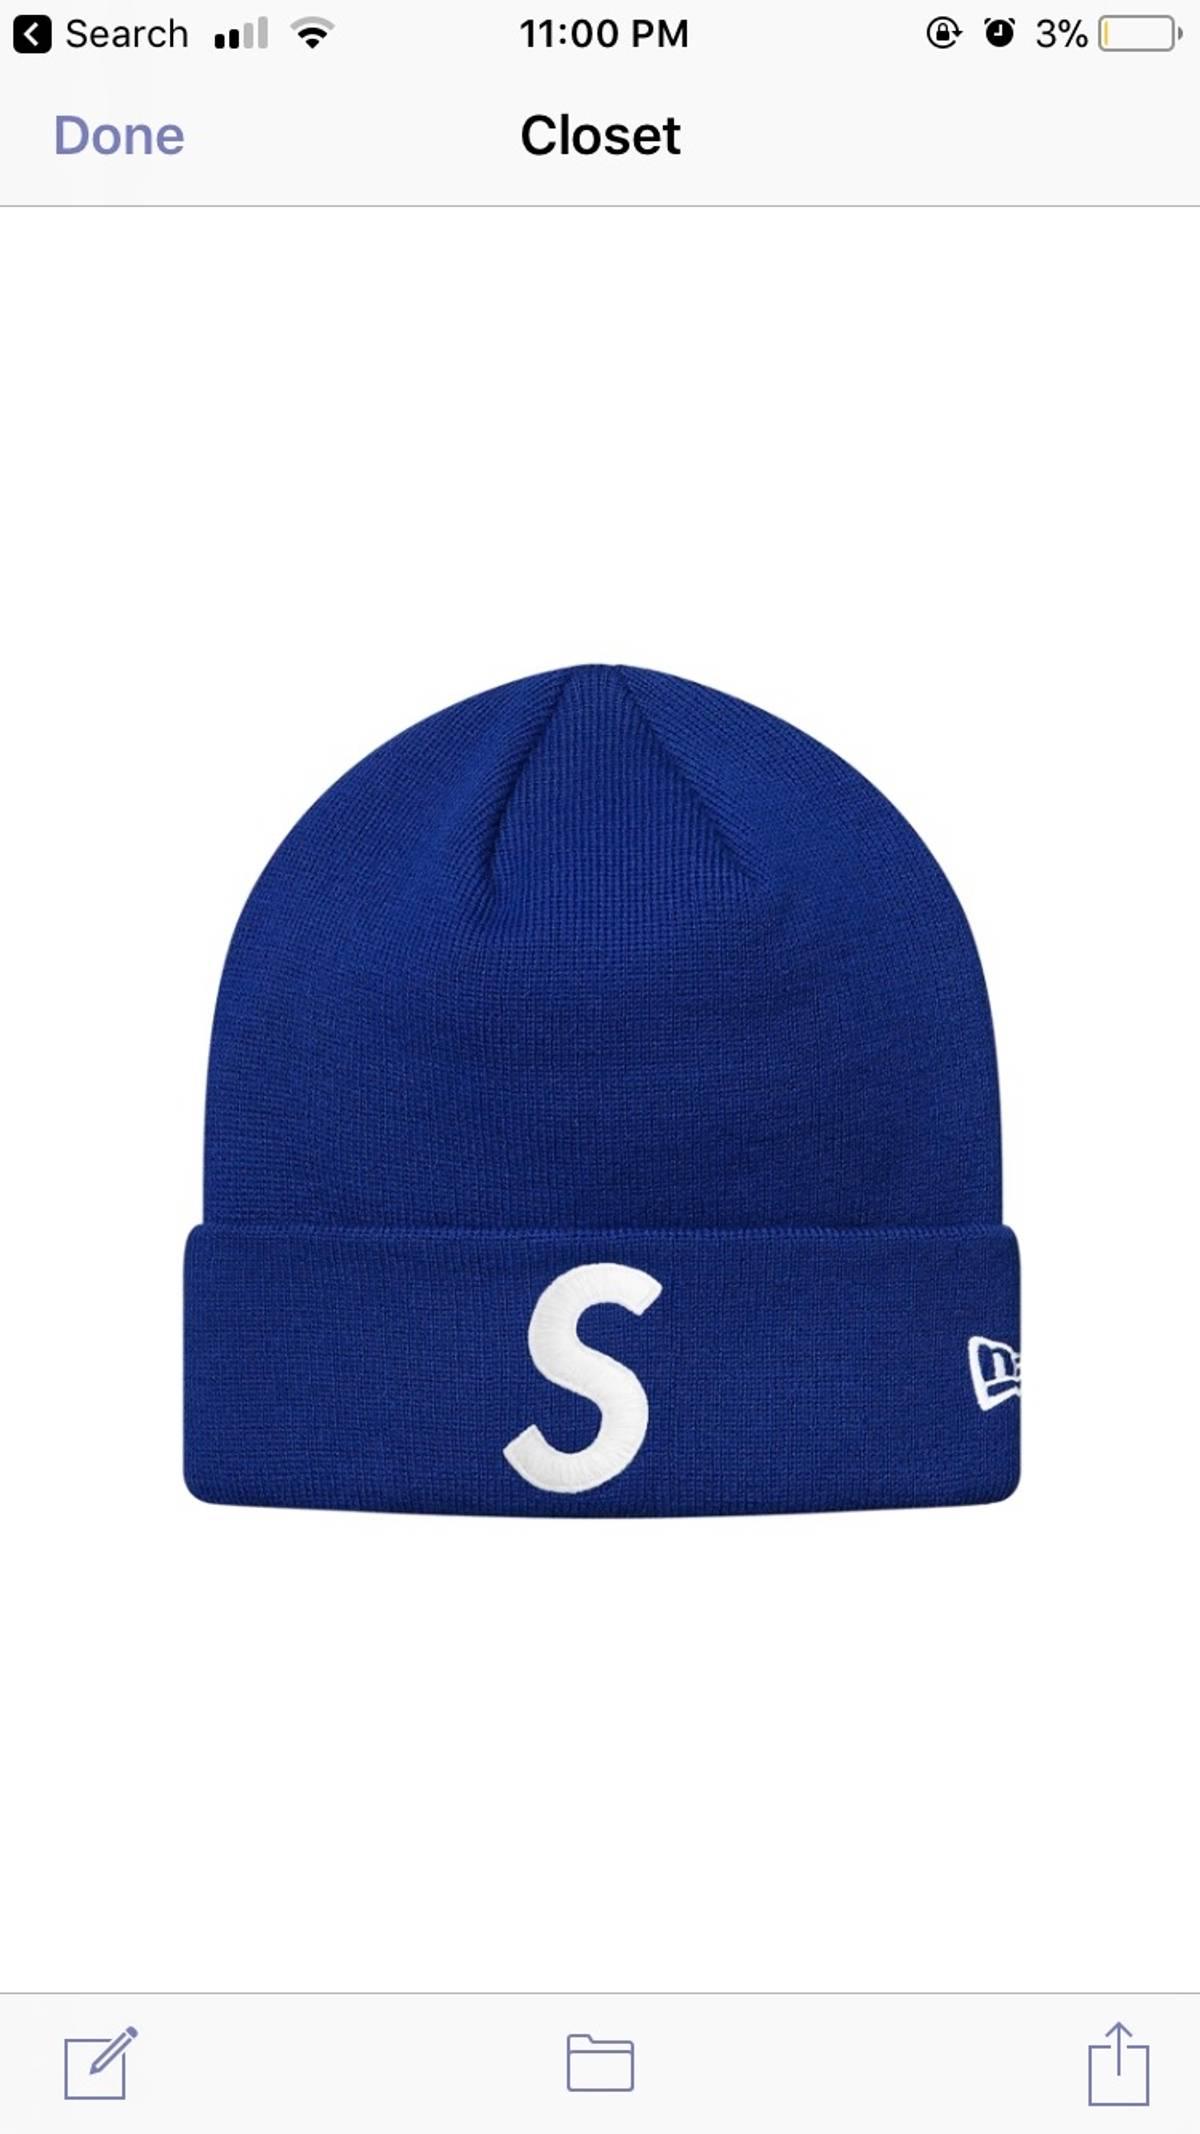 1e2207a71 New Era × Supreme Royal Blue S Logo Beanie Size One Size $65